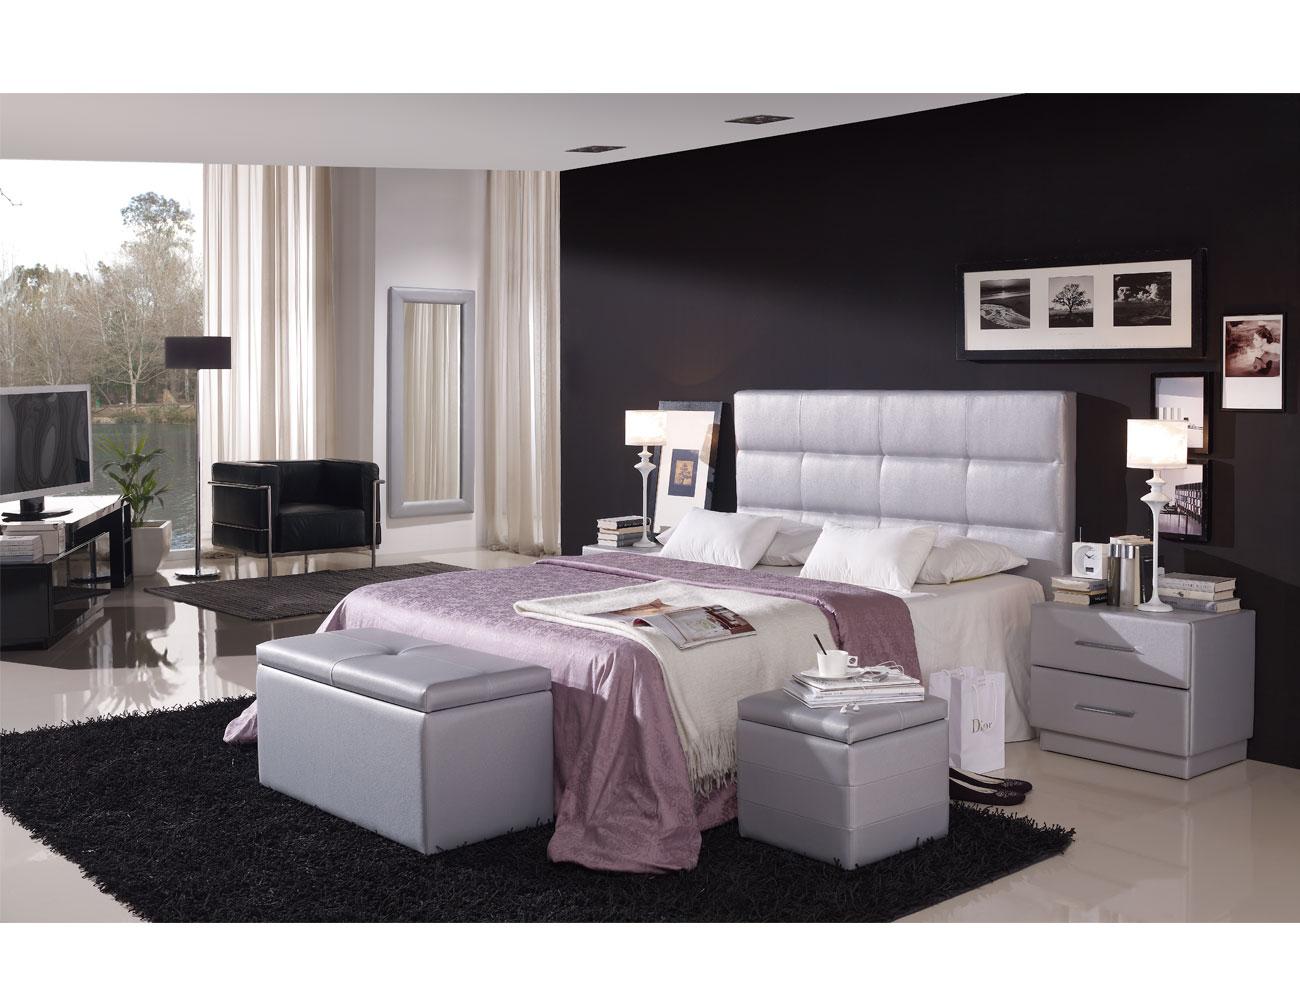 86 pie cama cuadros dormitorio 92